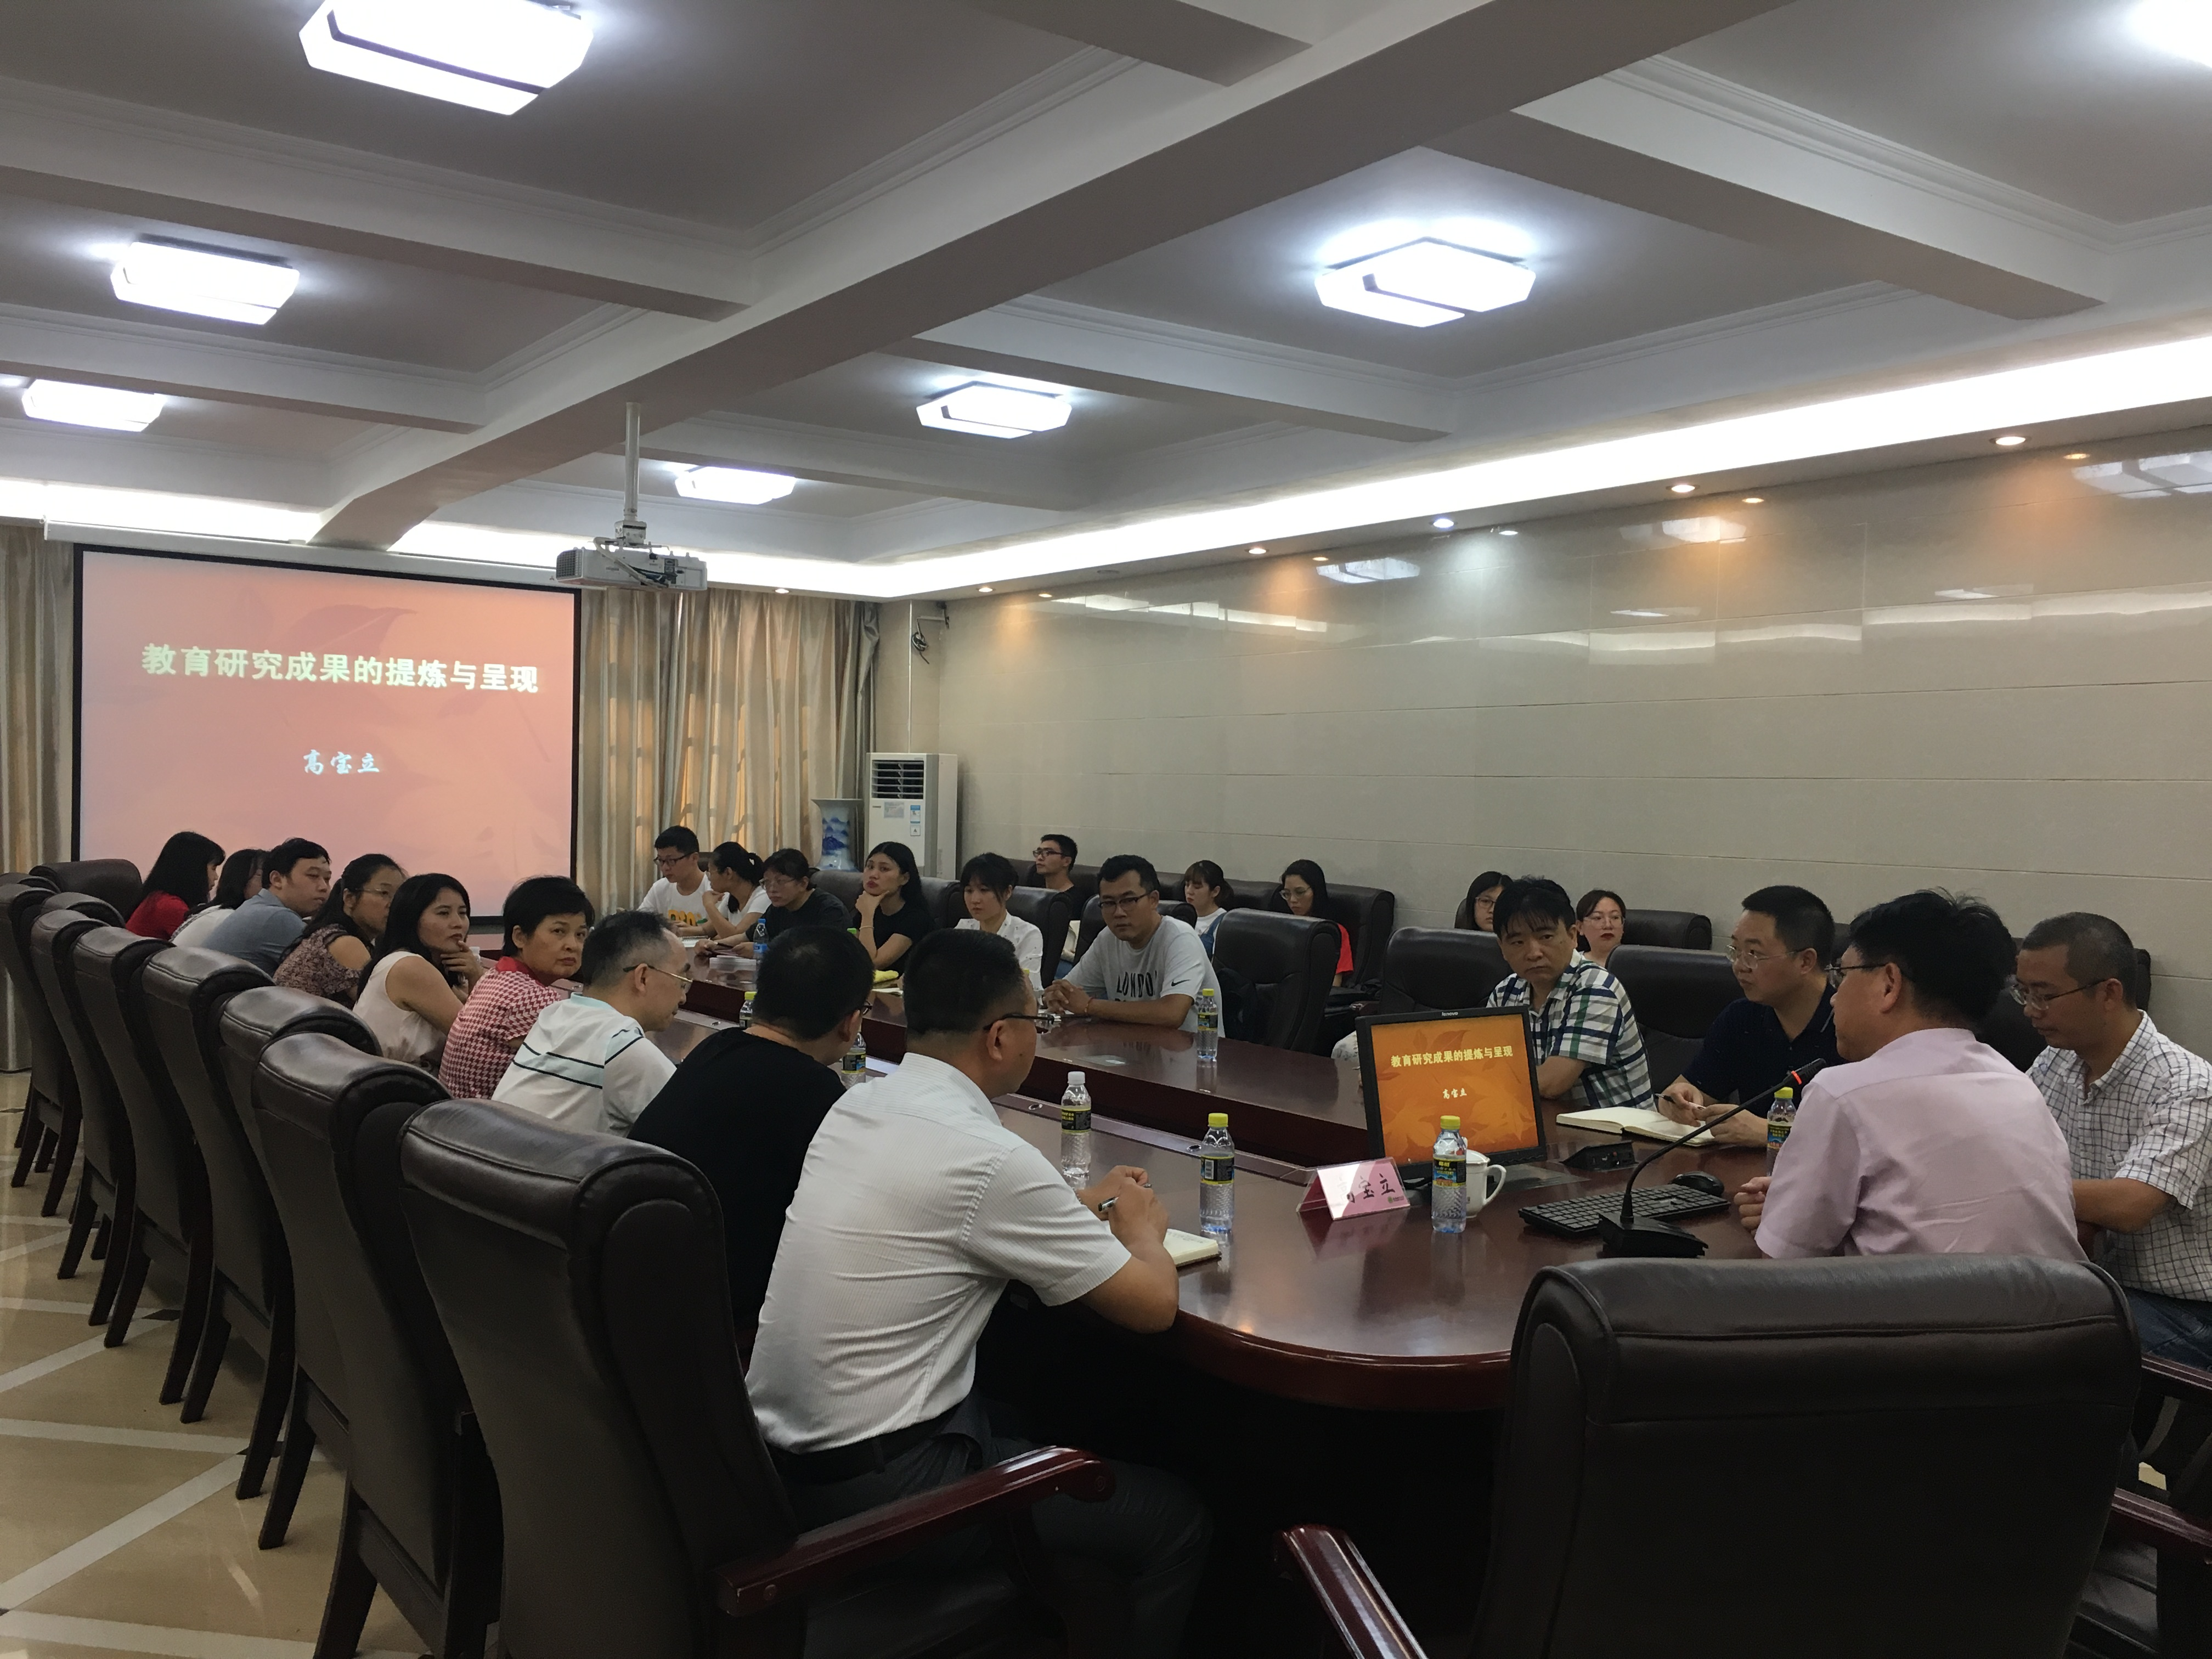 中国教育科学研究院副院长高宝立教授莅临我校讲学